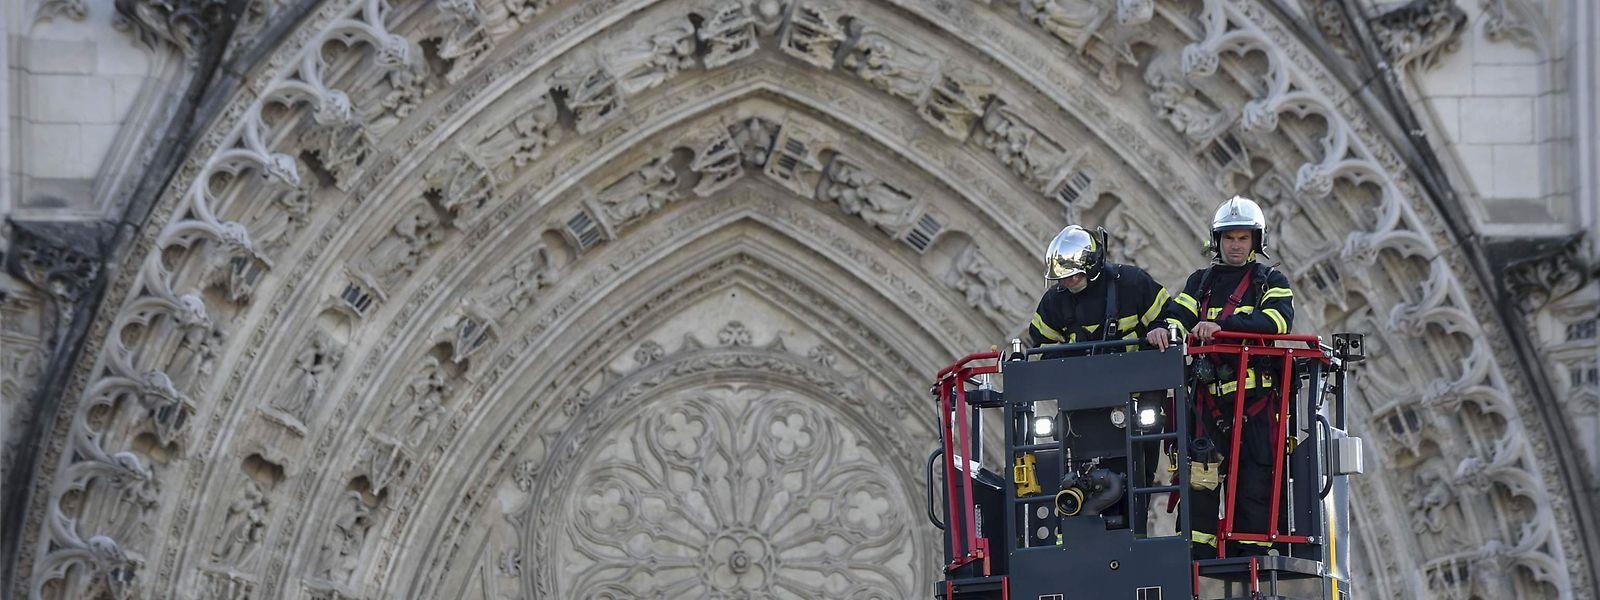 Les pompiers vérifient depuis près de 48 heures l'état de la structure même de la cathédrale. Le feu et l'eau ayant pu la fragiliser par endroits.